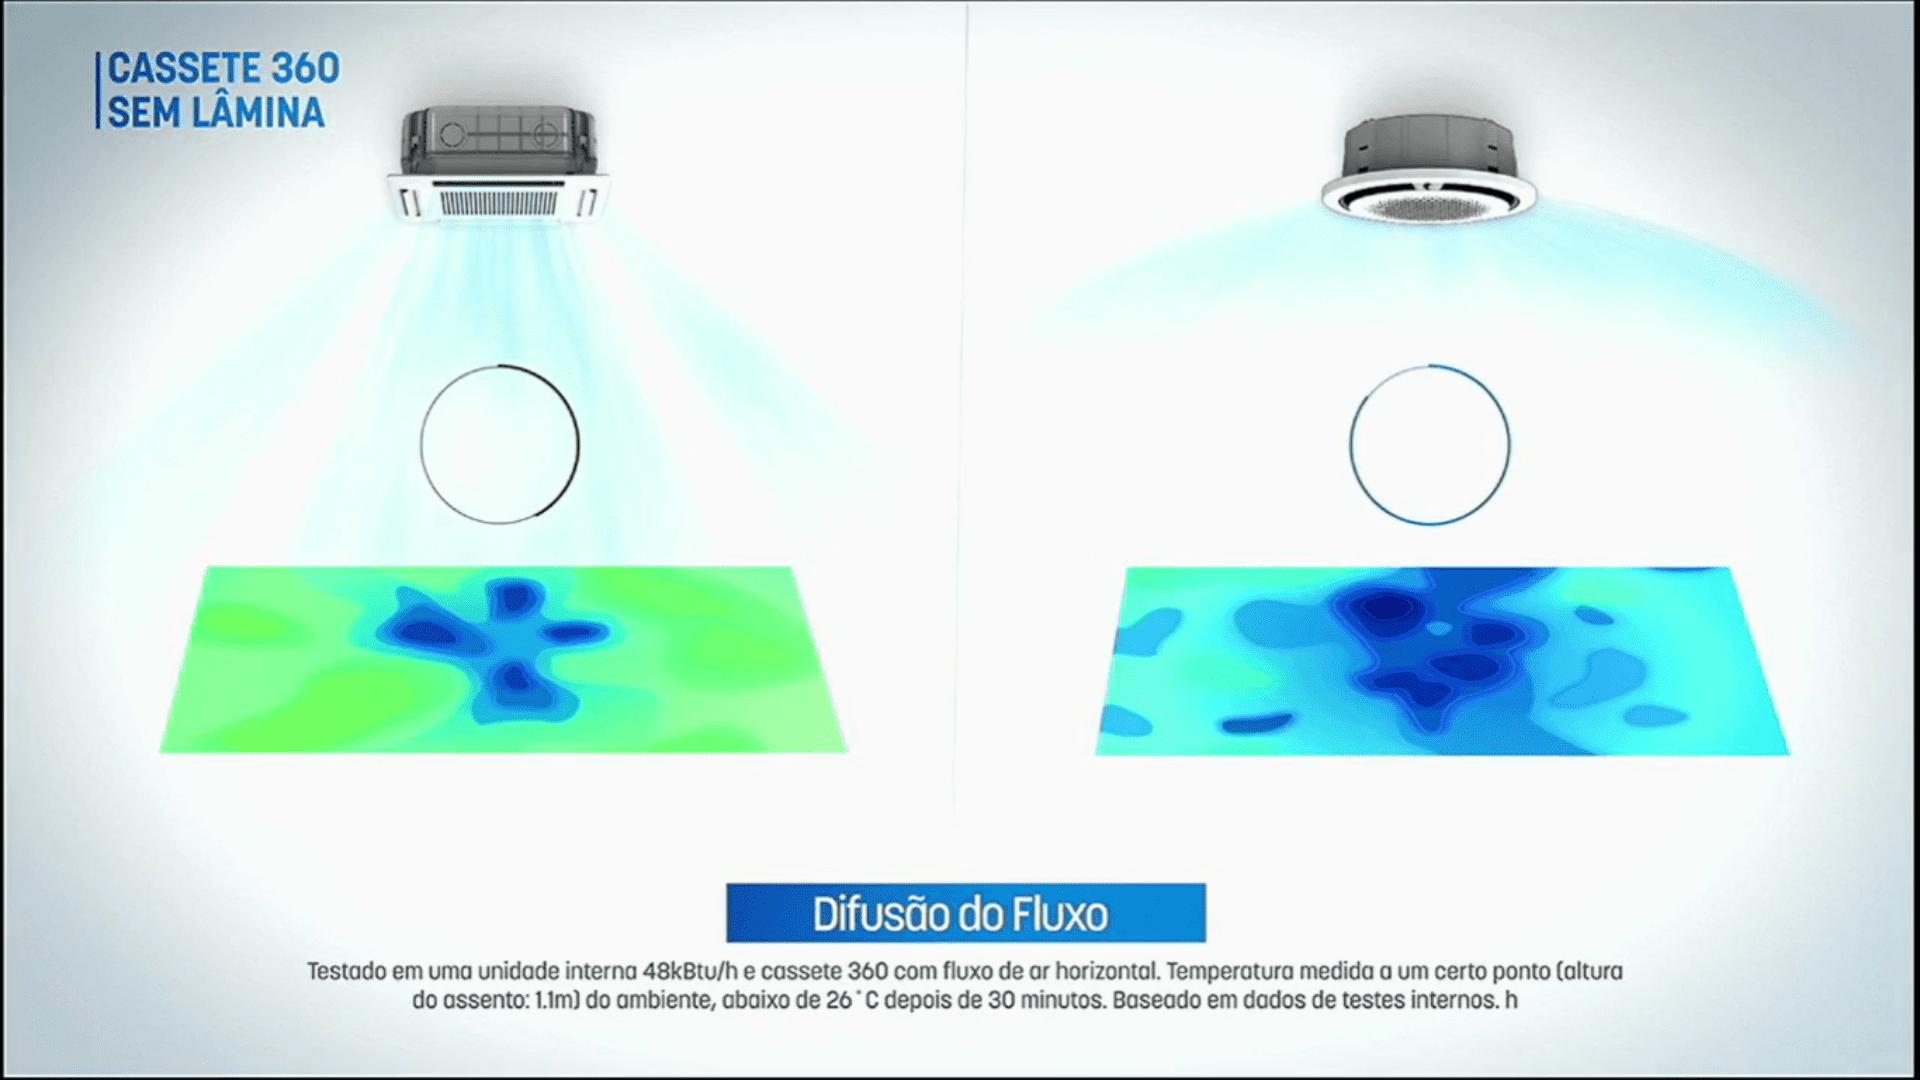 Aparelho Cassete 360 consegue jogar o ar como se fosse um guarda-chuva, na posição horizontal. (Imagem: Reprodução/Samsung)